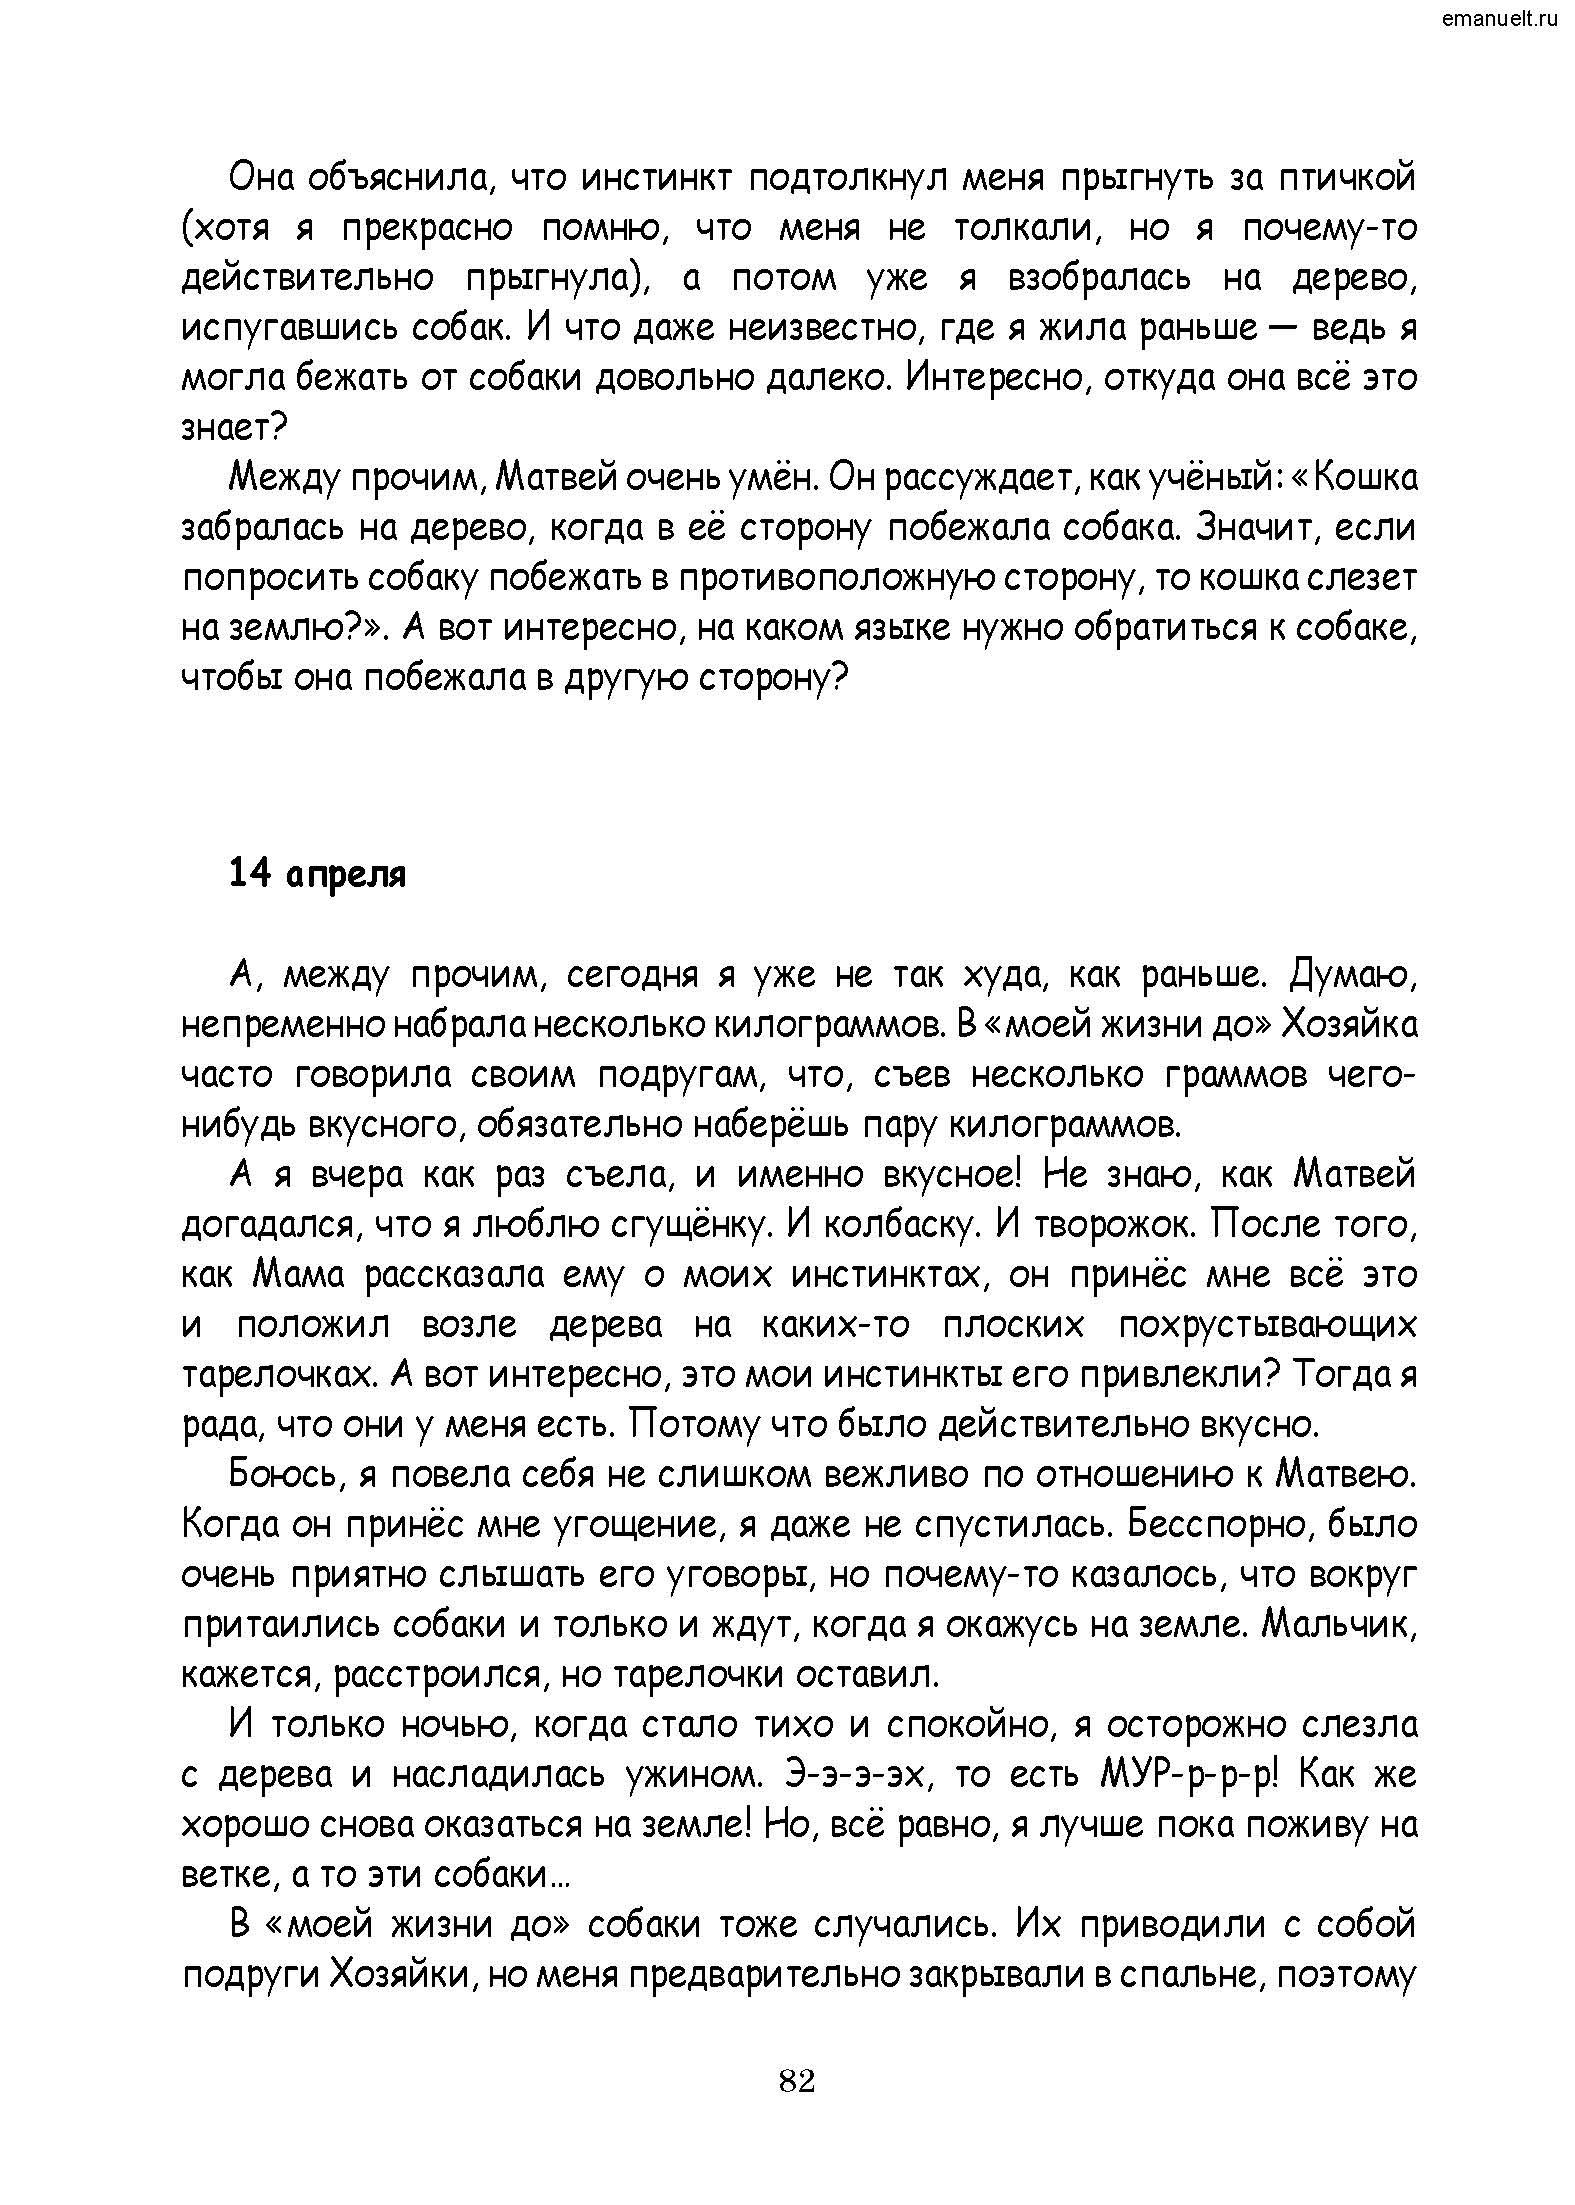 Рассказки в заданиях. emanuelt.ru_Страница_083